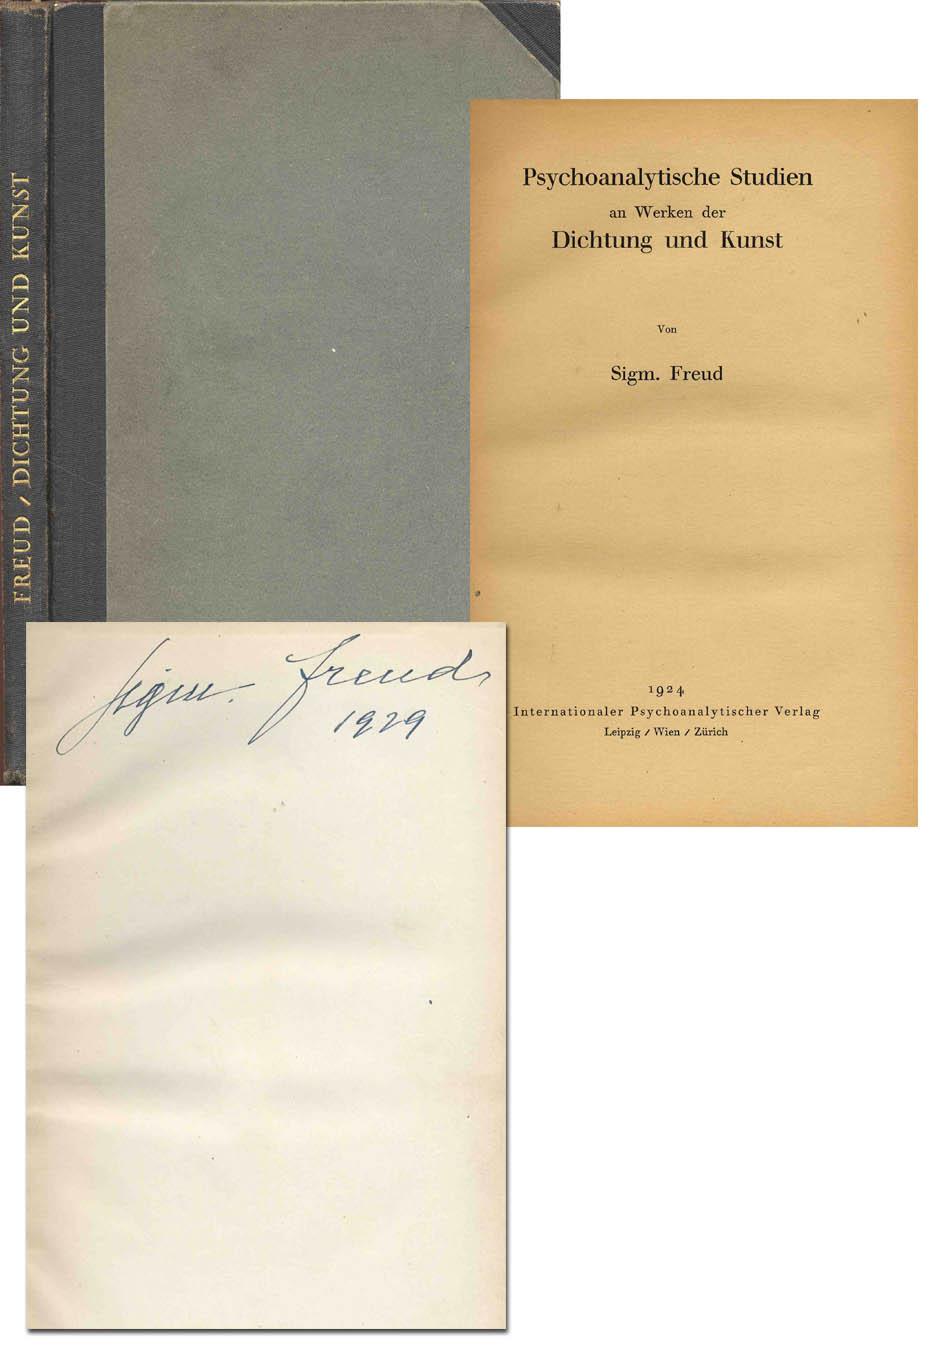 """Sigmund Freud Autograph Sigmund Freud Signed Book, """"Psychoanalytische Studien an Werken der Dichtung und Kunst"""" -- 1924"""